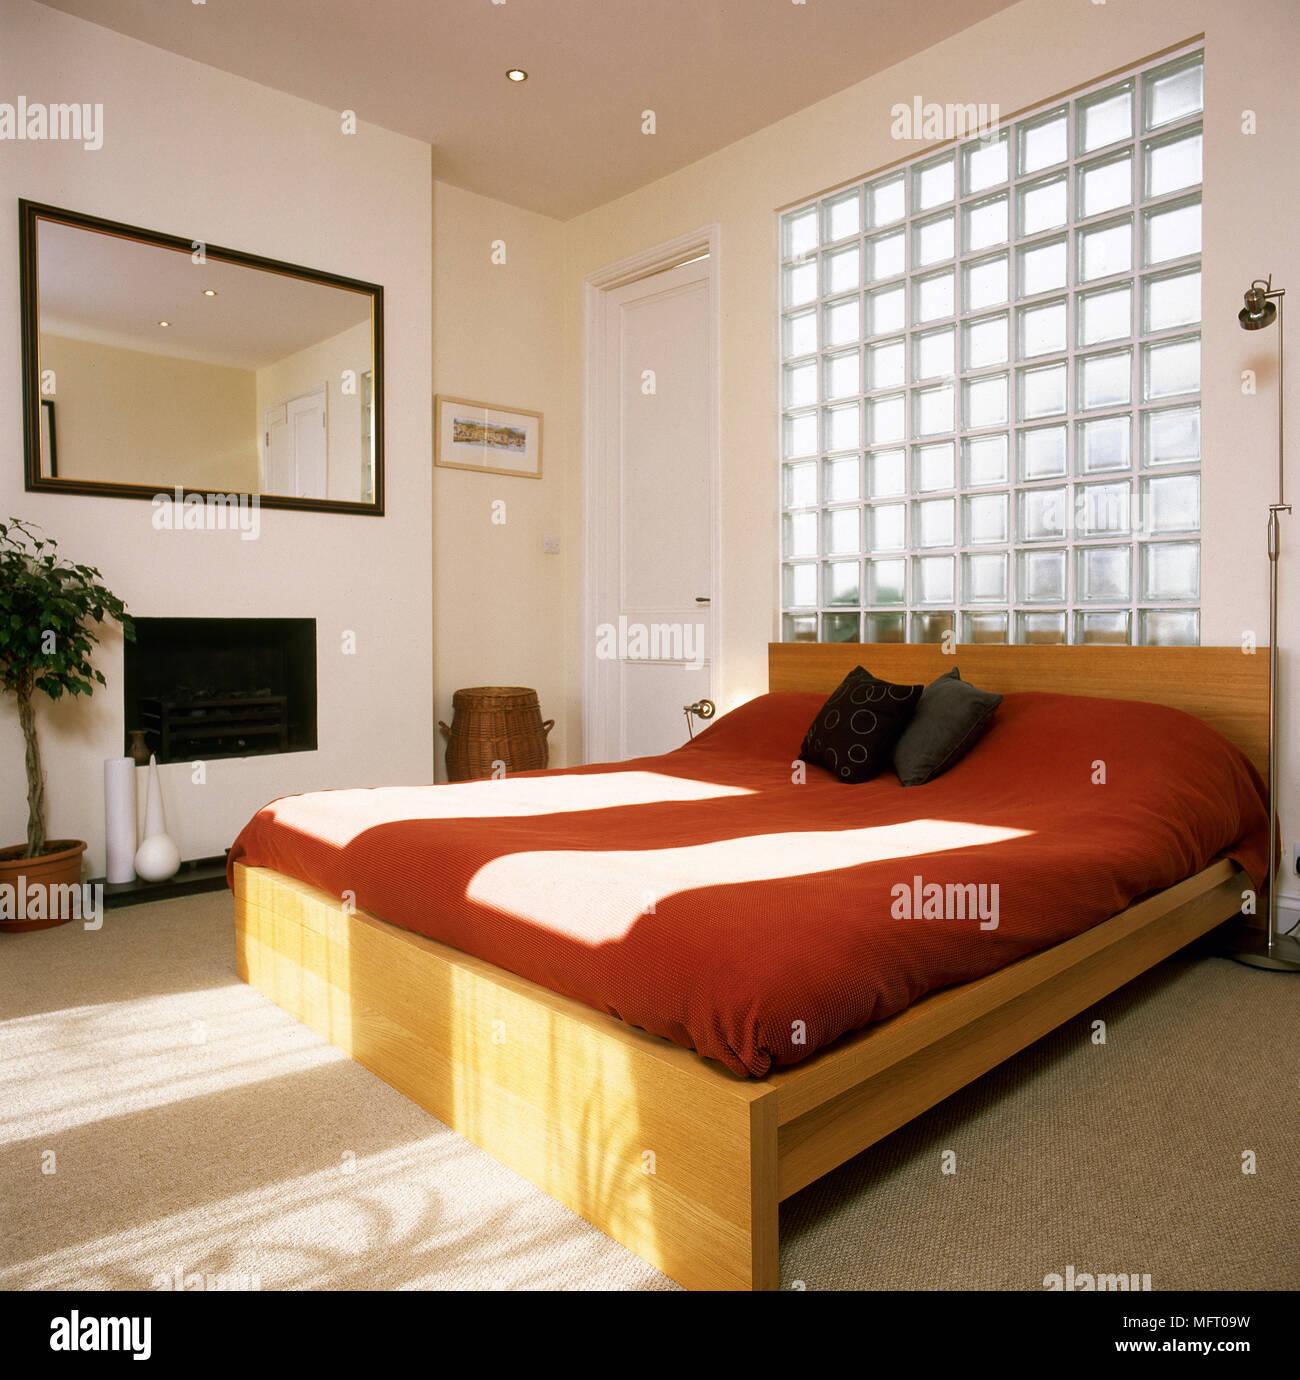 Weiß Schlafzimmer Mit Holz Französisches Bett Und Glas Block Wand